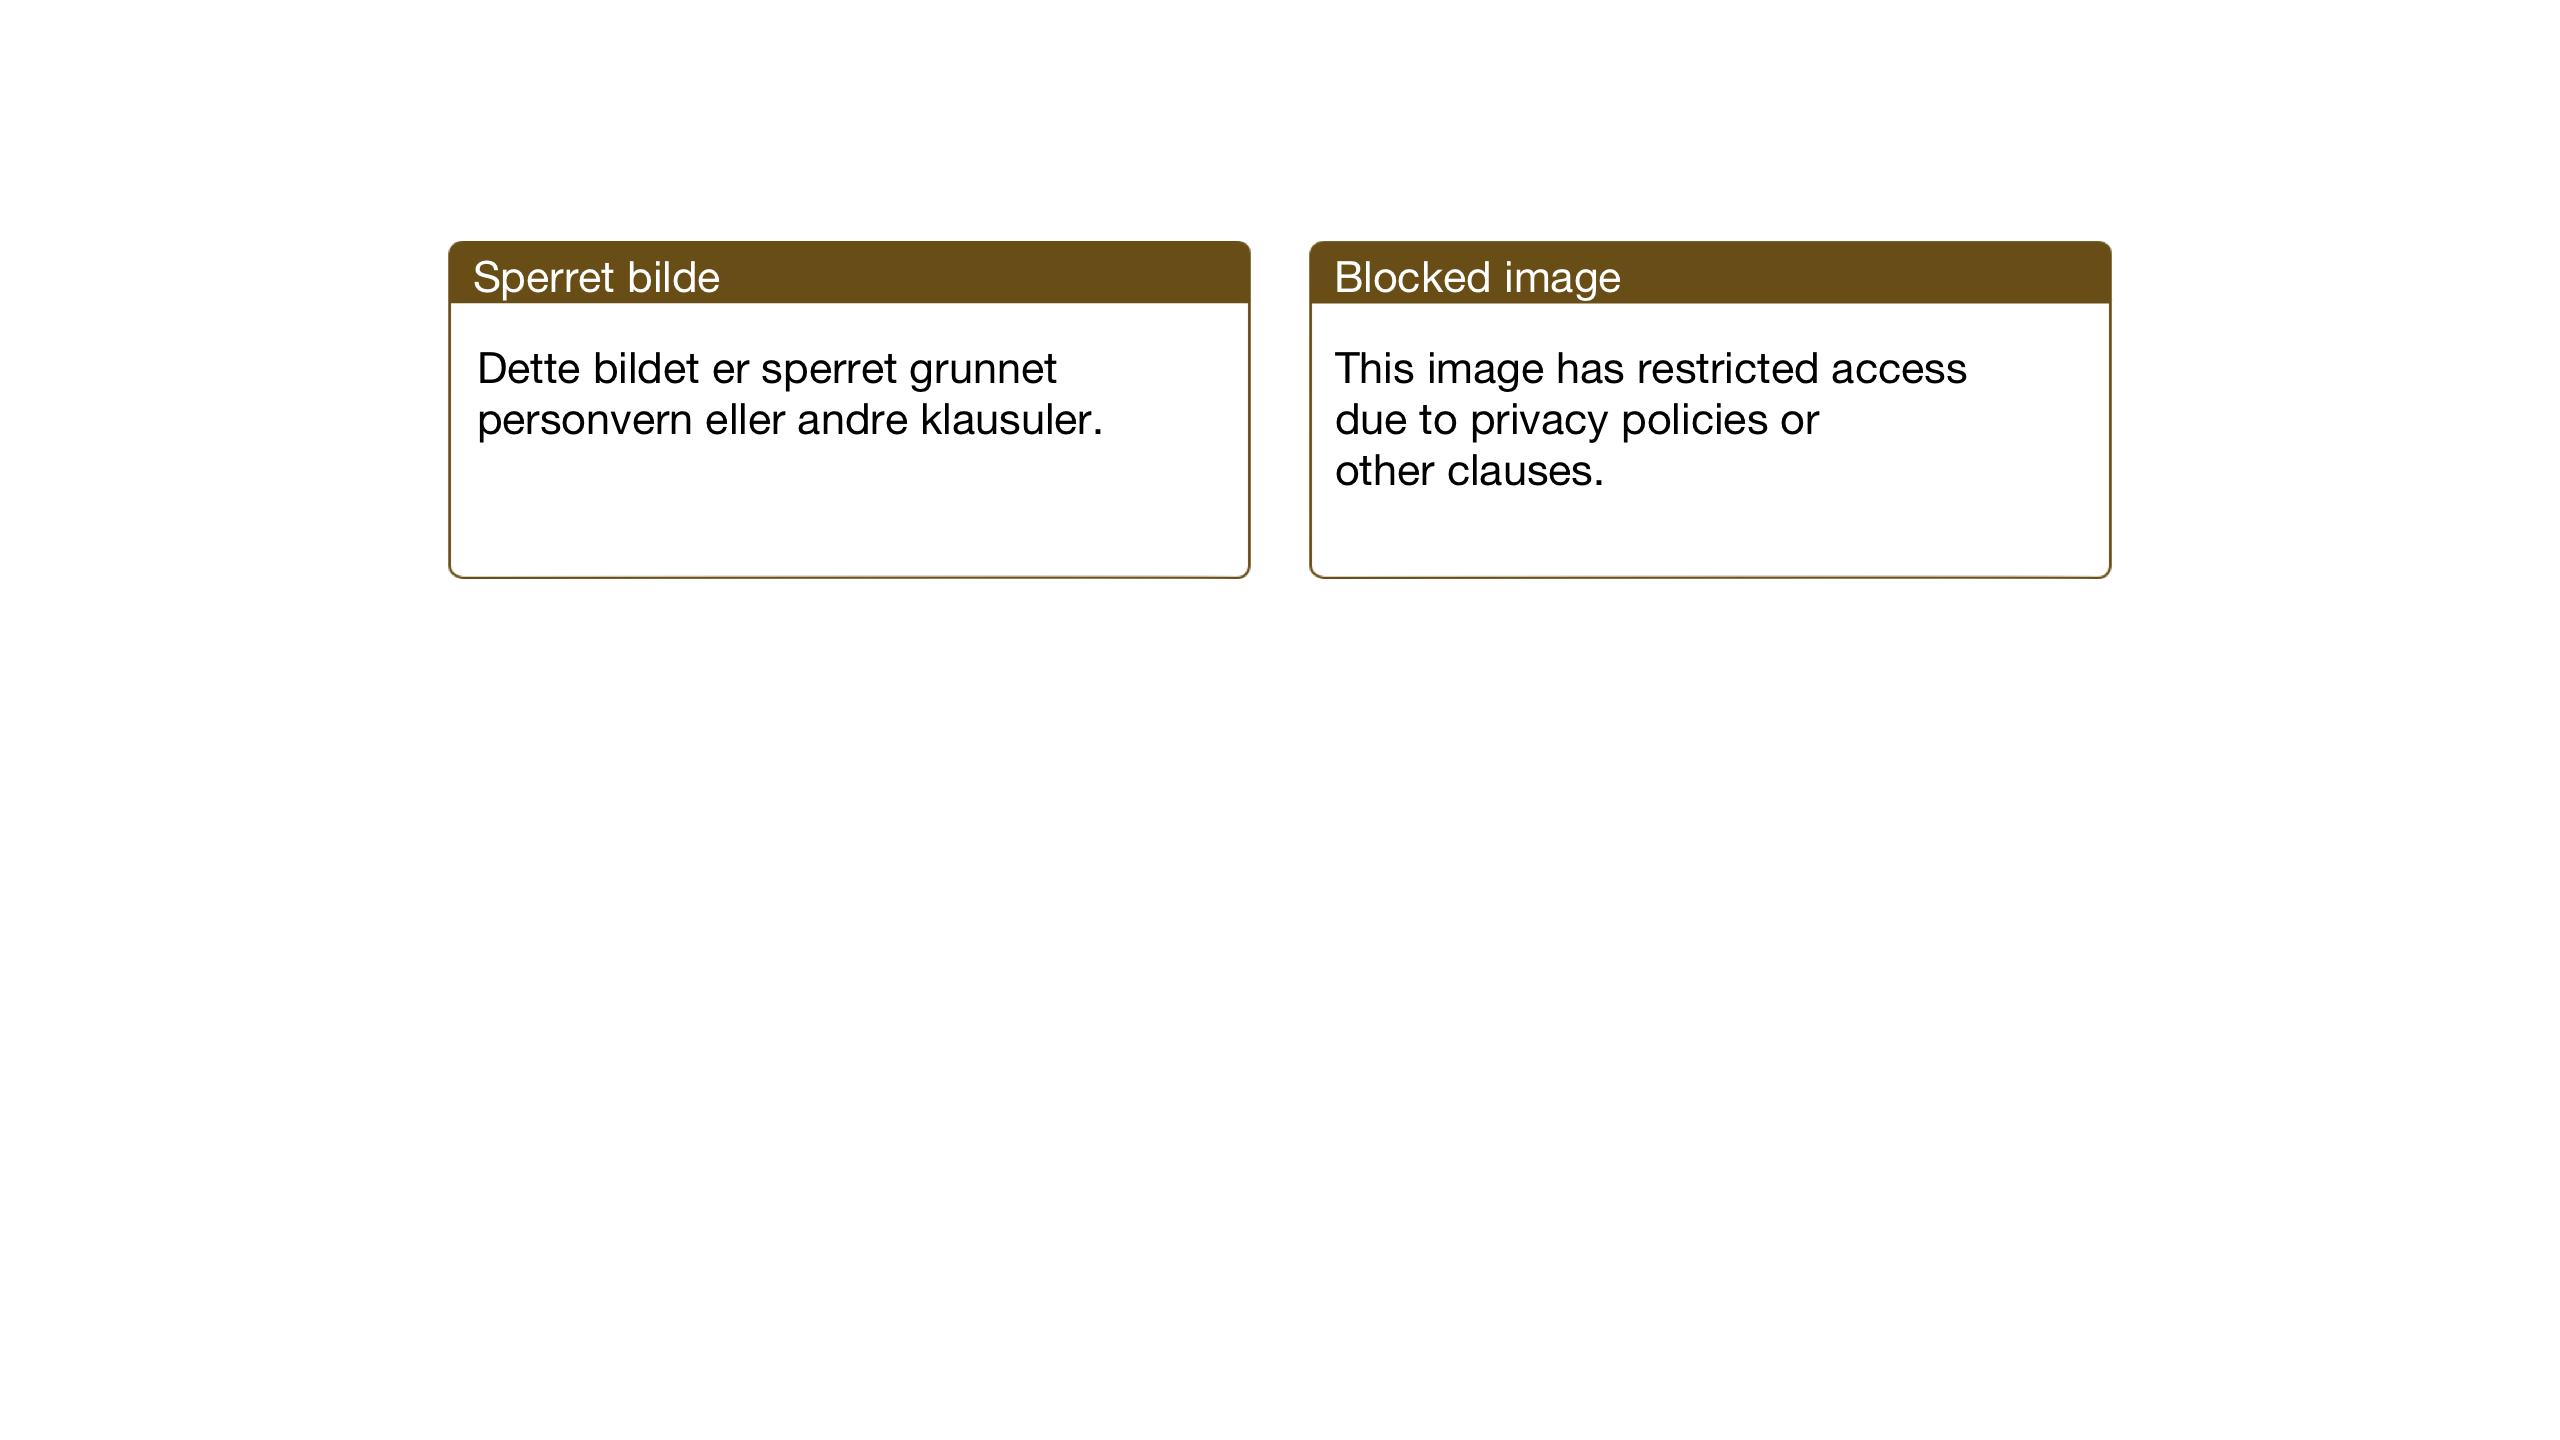 SAT, Ministerialprotokoller, klokkerbøker og fødselsregistre - Sør-Trøndelag, 640/L0590: Klokkerbok nr. 640C07, 1935-1948, s. 16